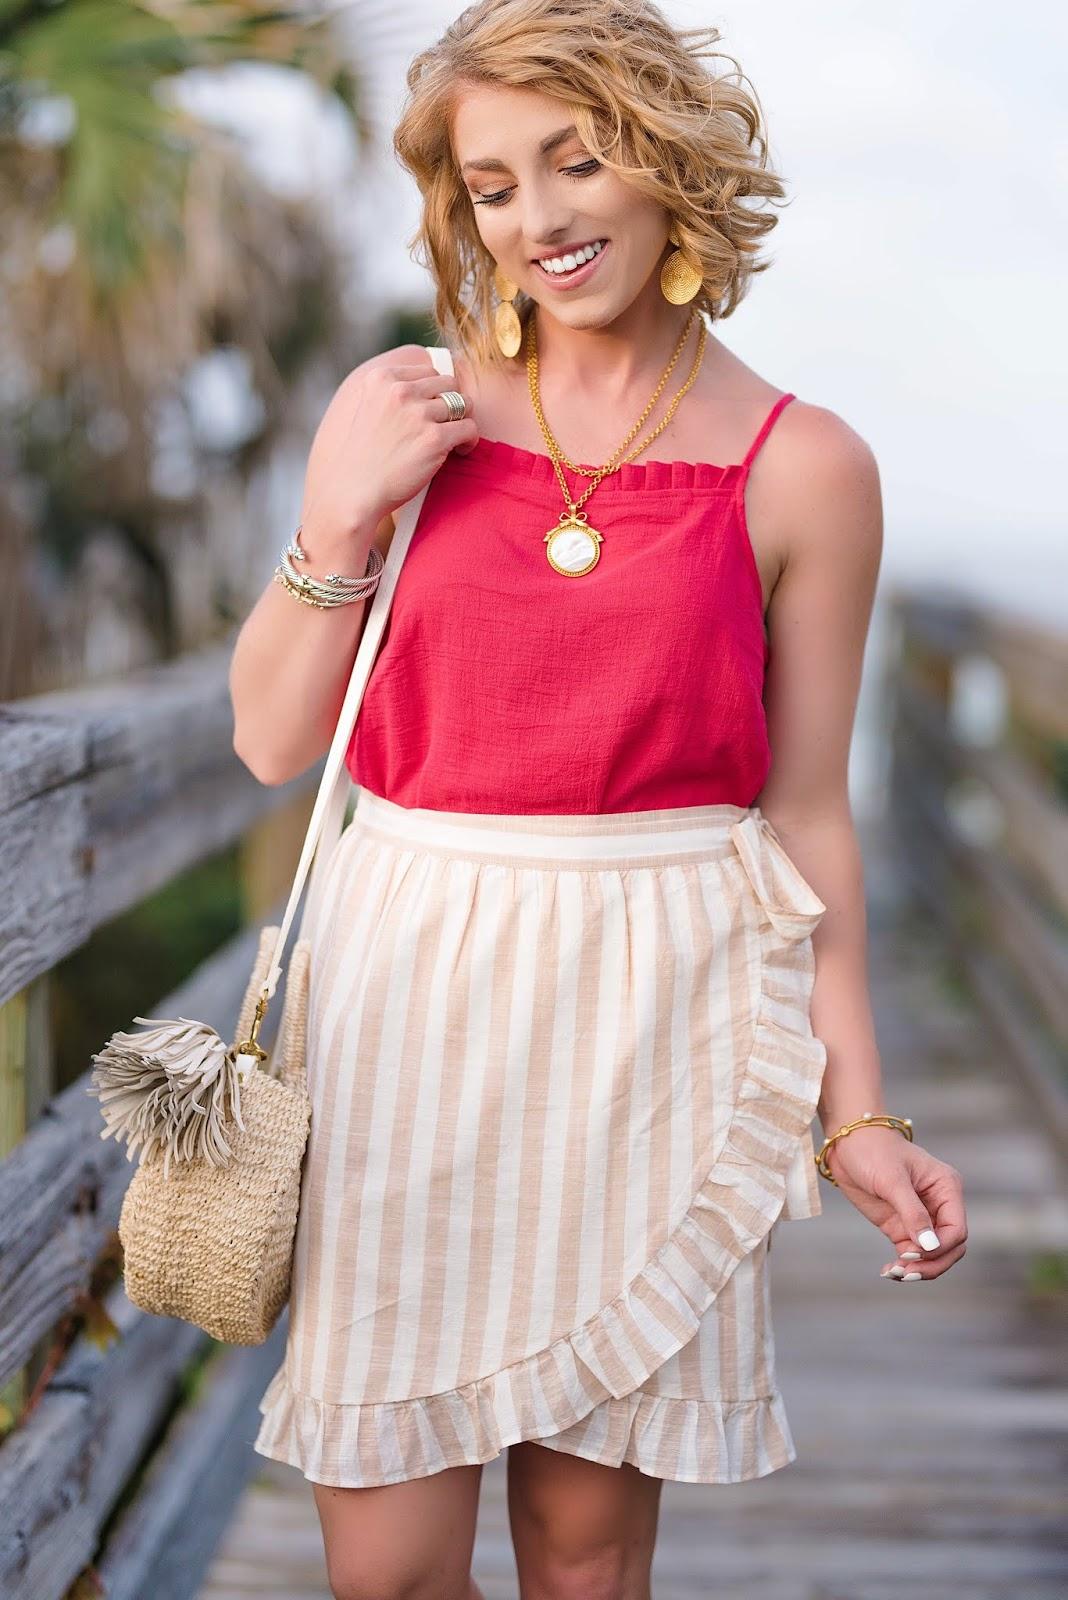 Ivory and White Ruffle Wrap Skirt - Something Delightful Blog